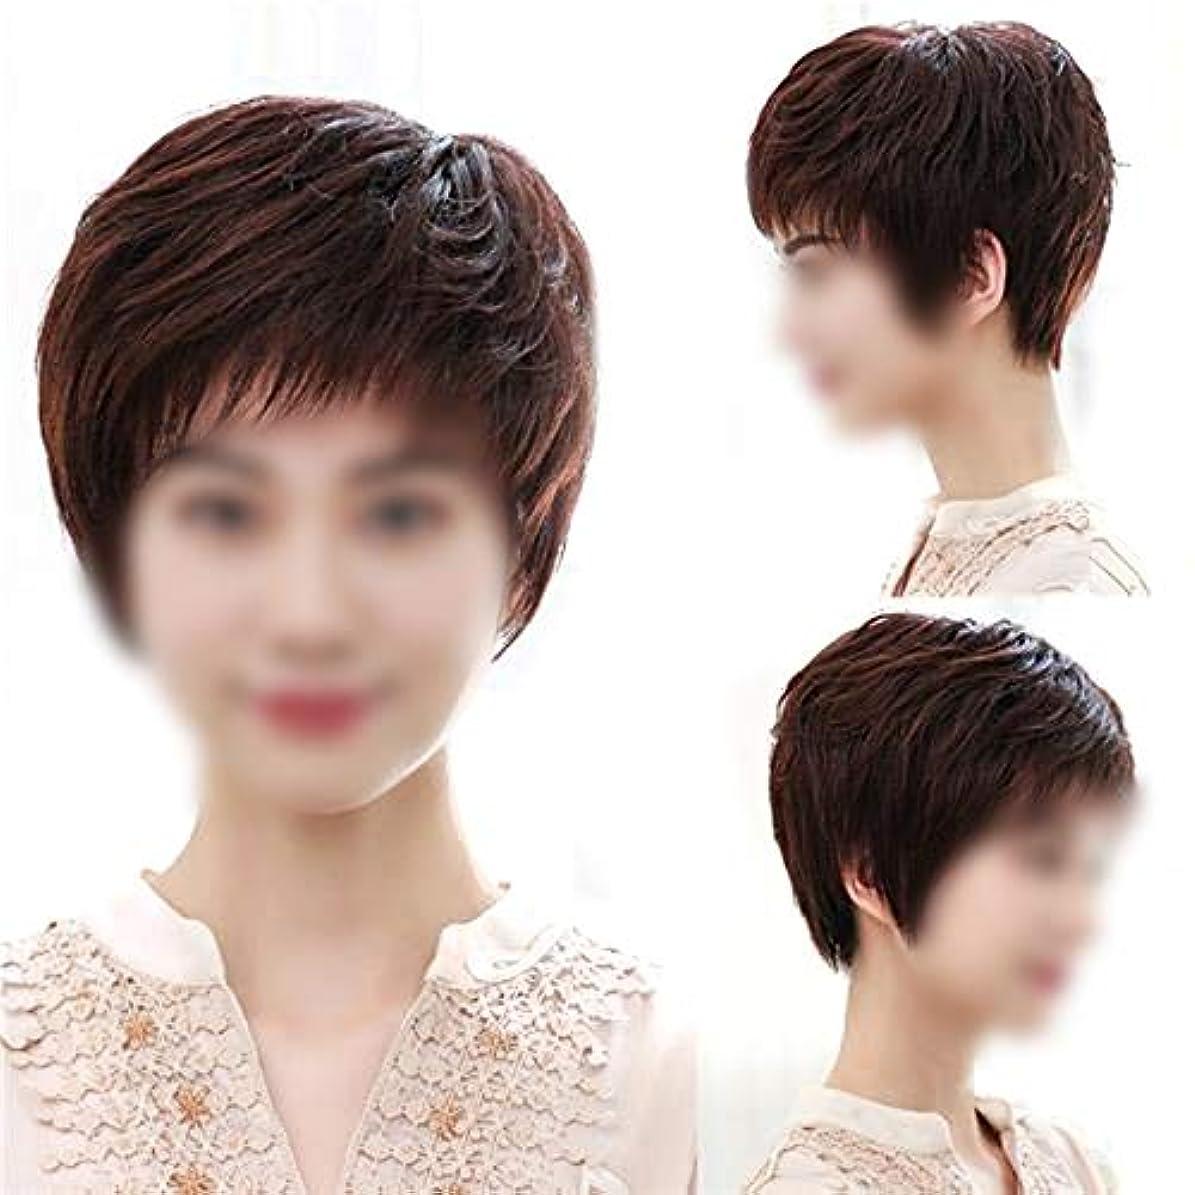 欠かせないパンツに対してYOUQIU 女子ダークブラウンショートヘア中年手織りの実髪の髪の自然のリアルなウィッグウィッグ (色 : Natural black)